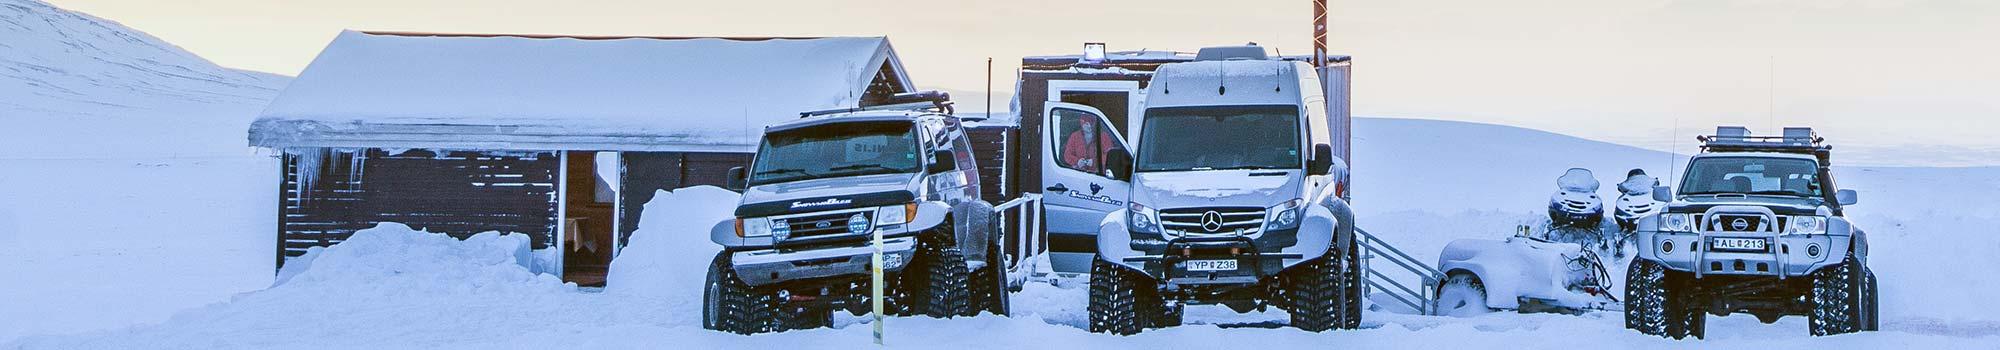 super-trucks-on-glacier